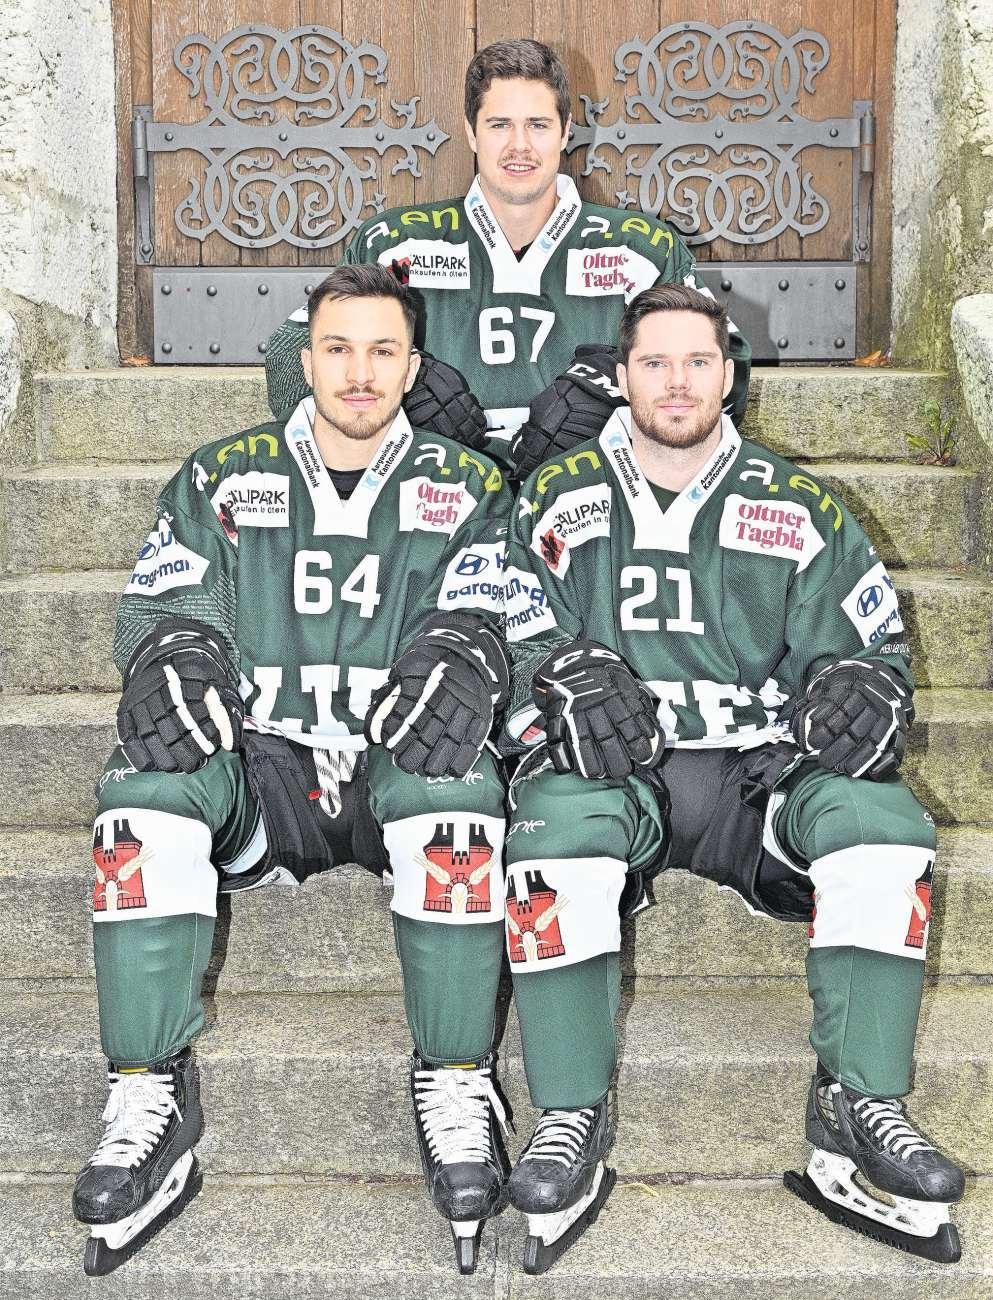 Joel Scheidegger (Rückennummer 64), Jan Mosimann (21) und Florian Schmuckli (67). Bild: Bruno Kissling